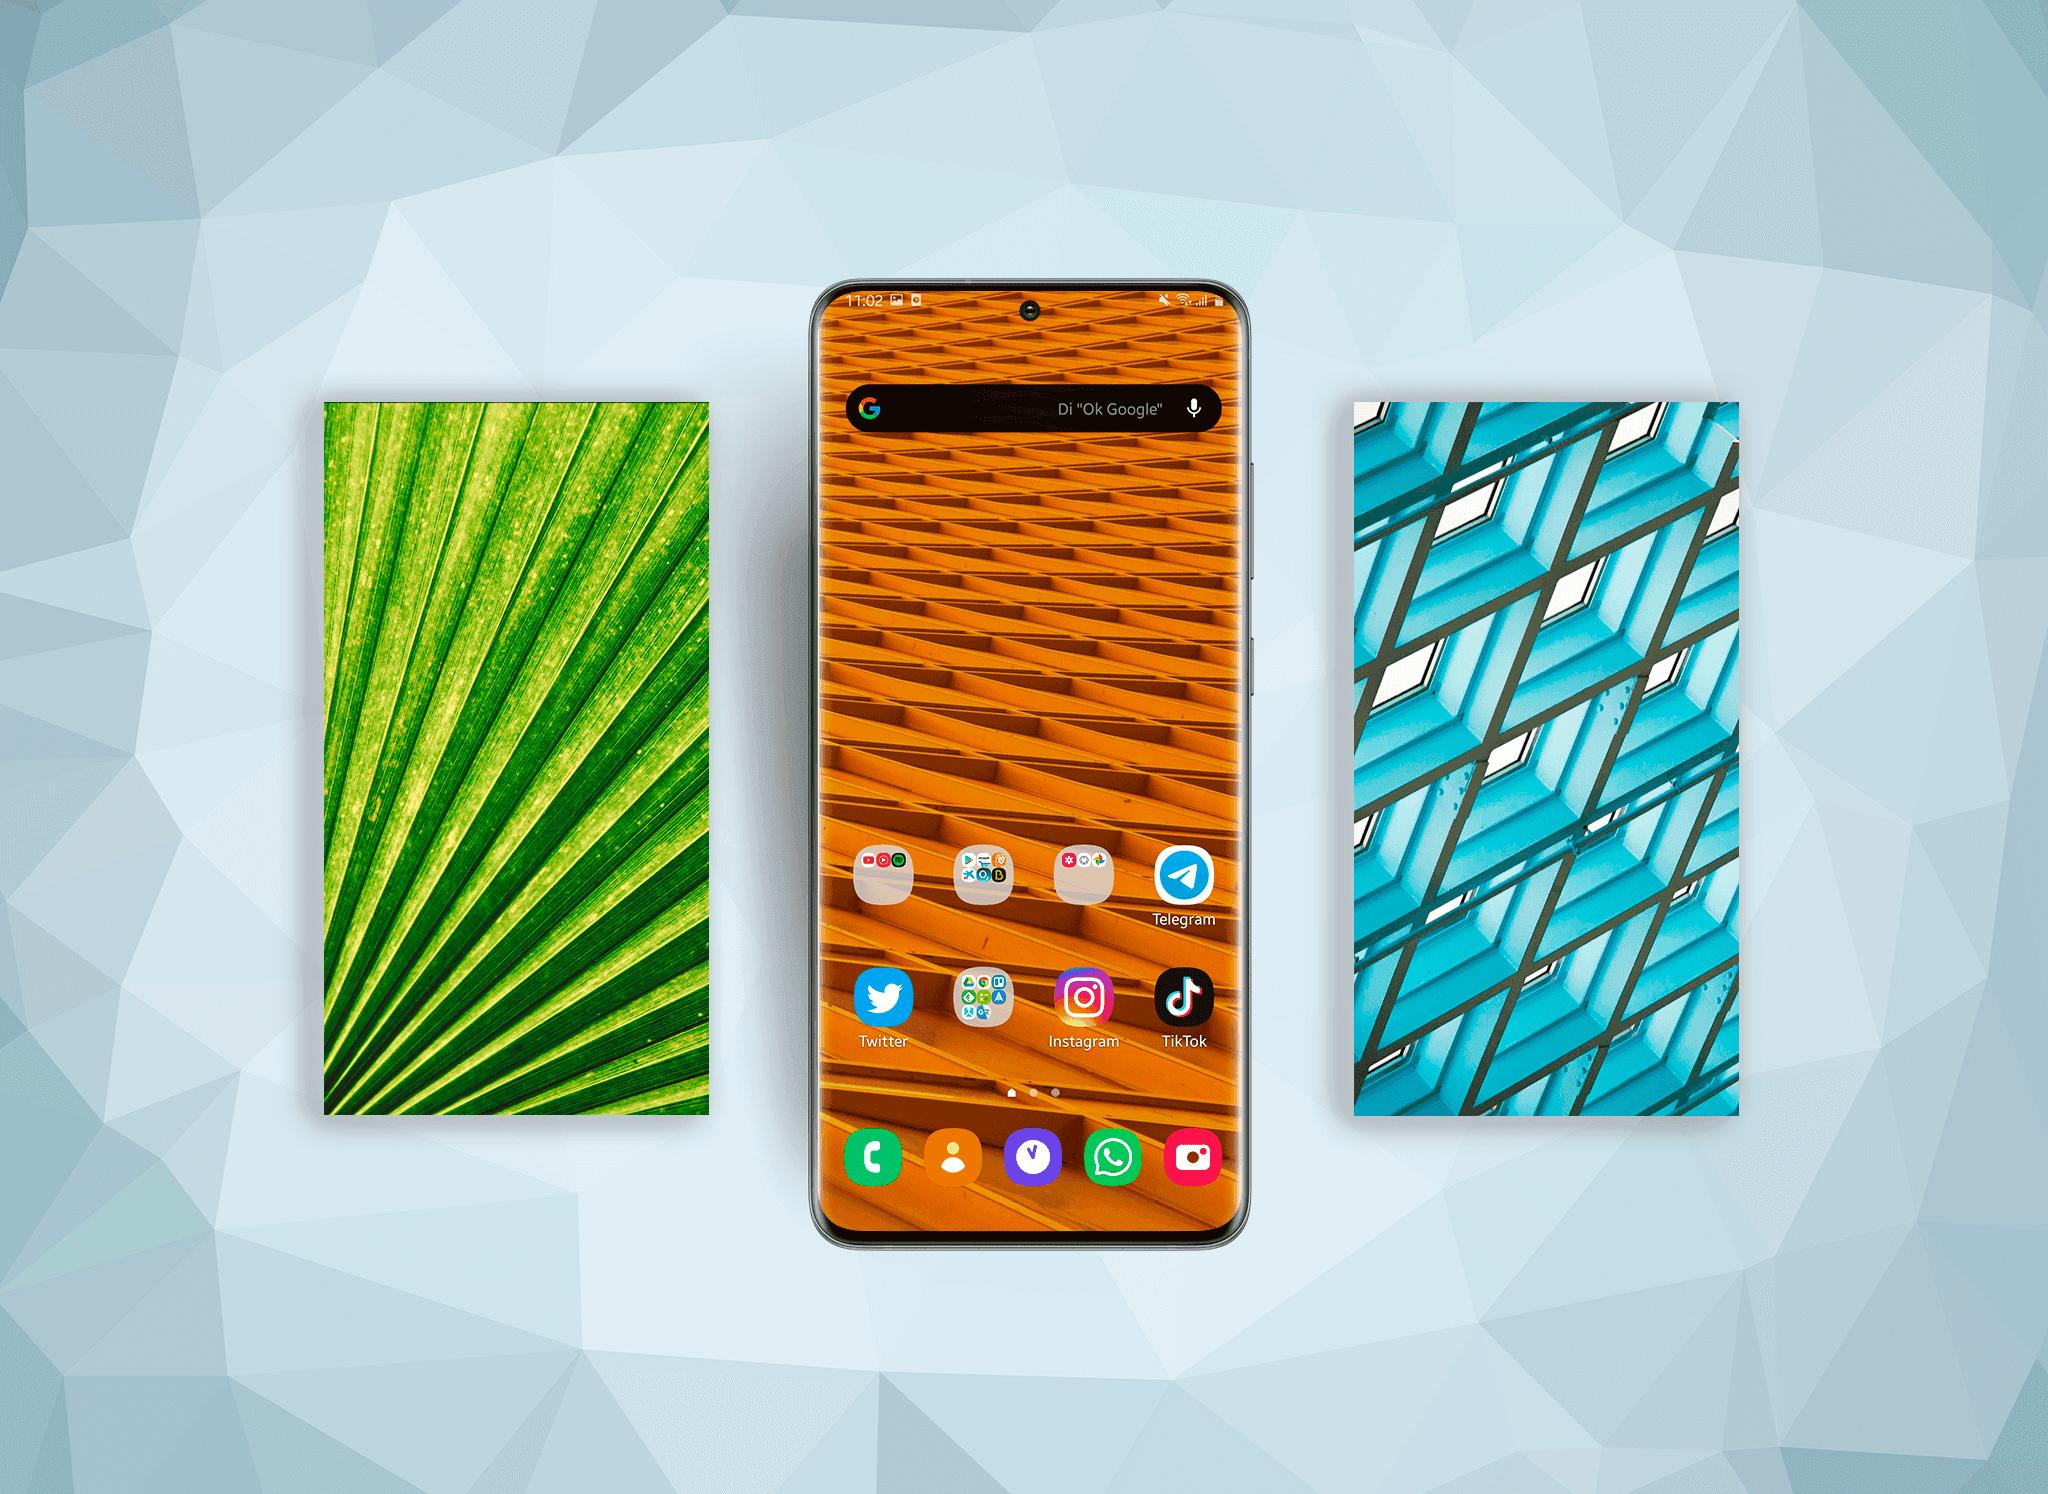 Cómo cambiar el fondo de pantalla en Android todos los días de forma automática